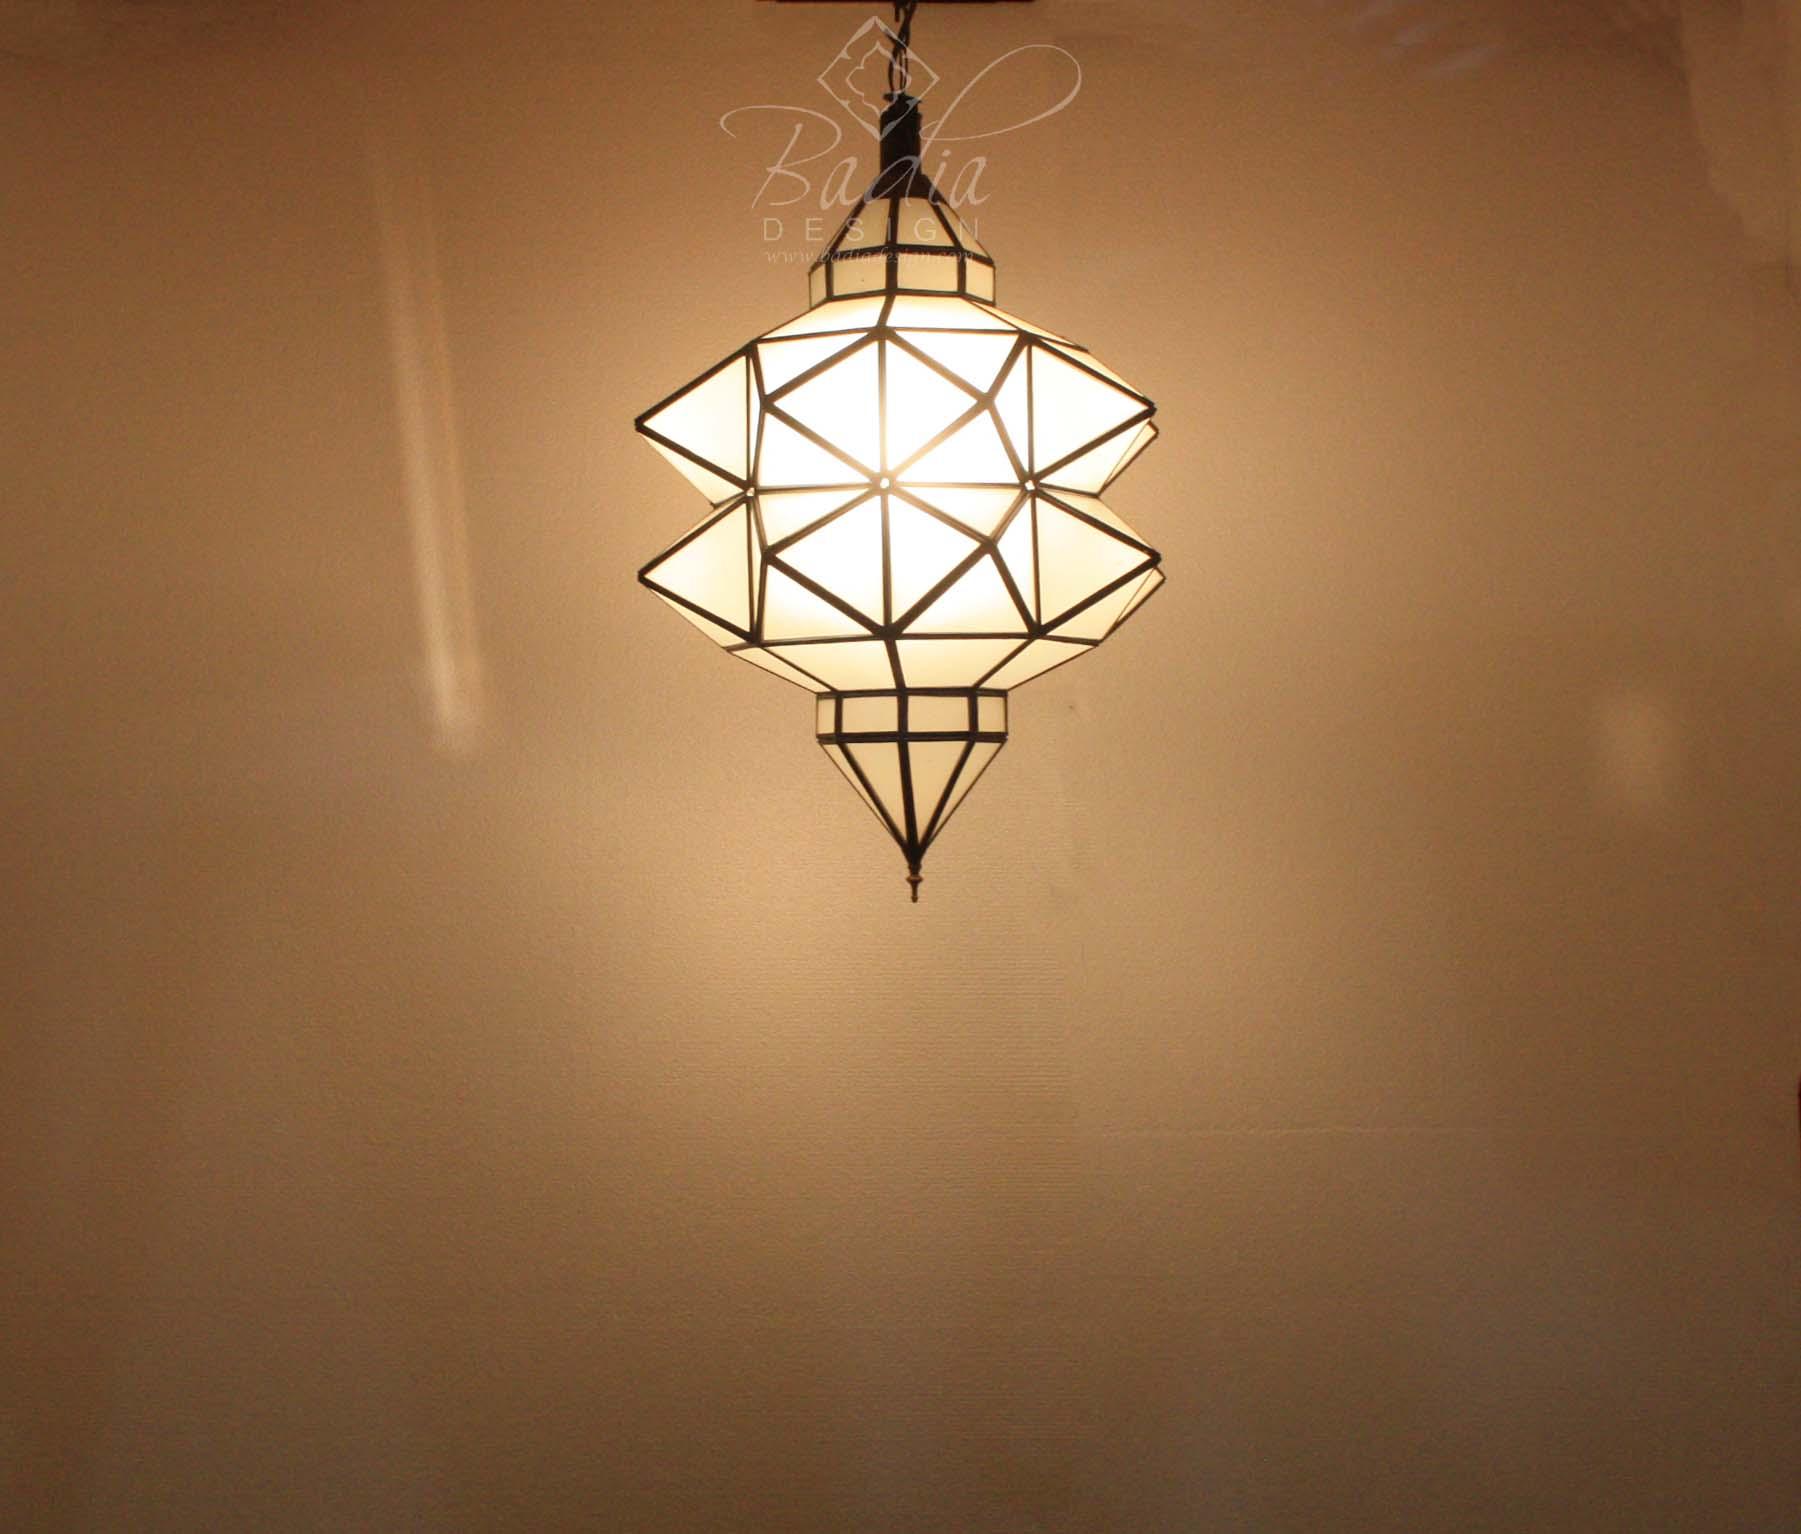 moroccan-hanging-white-glass-lantern-lig386-1.jpg